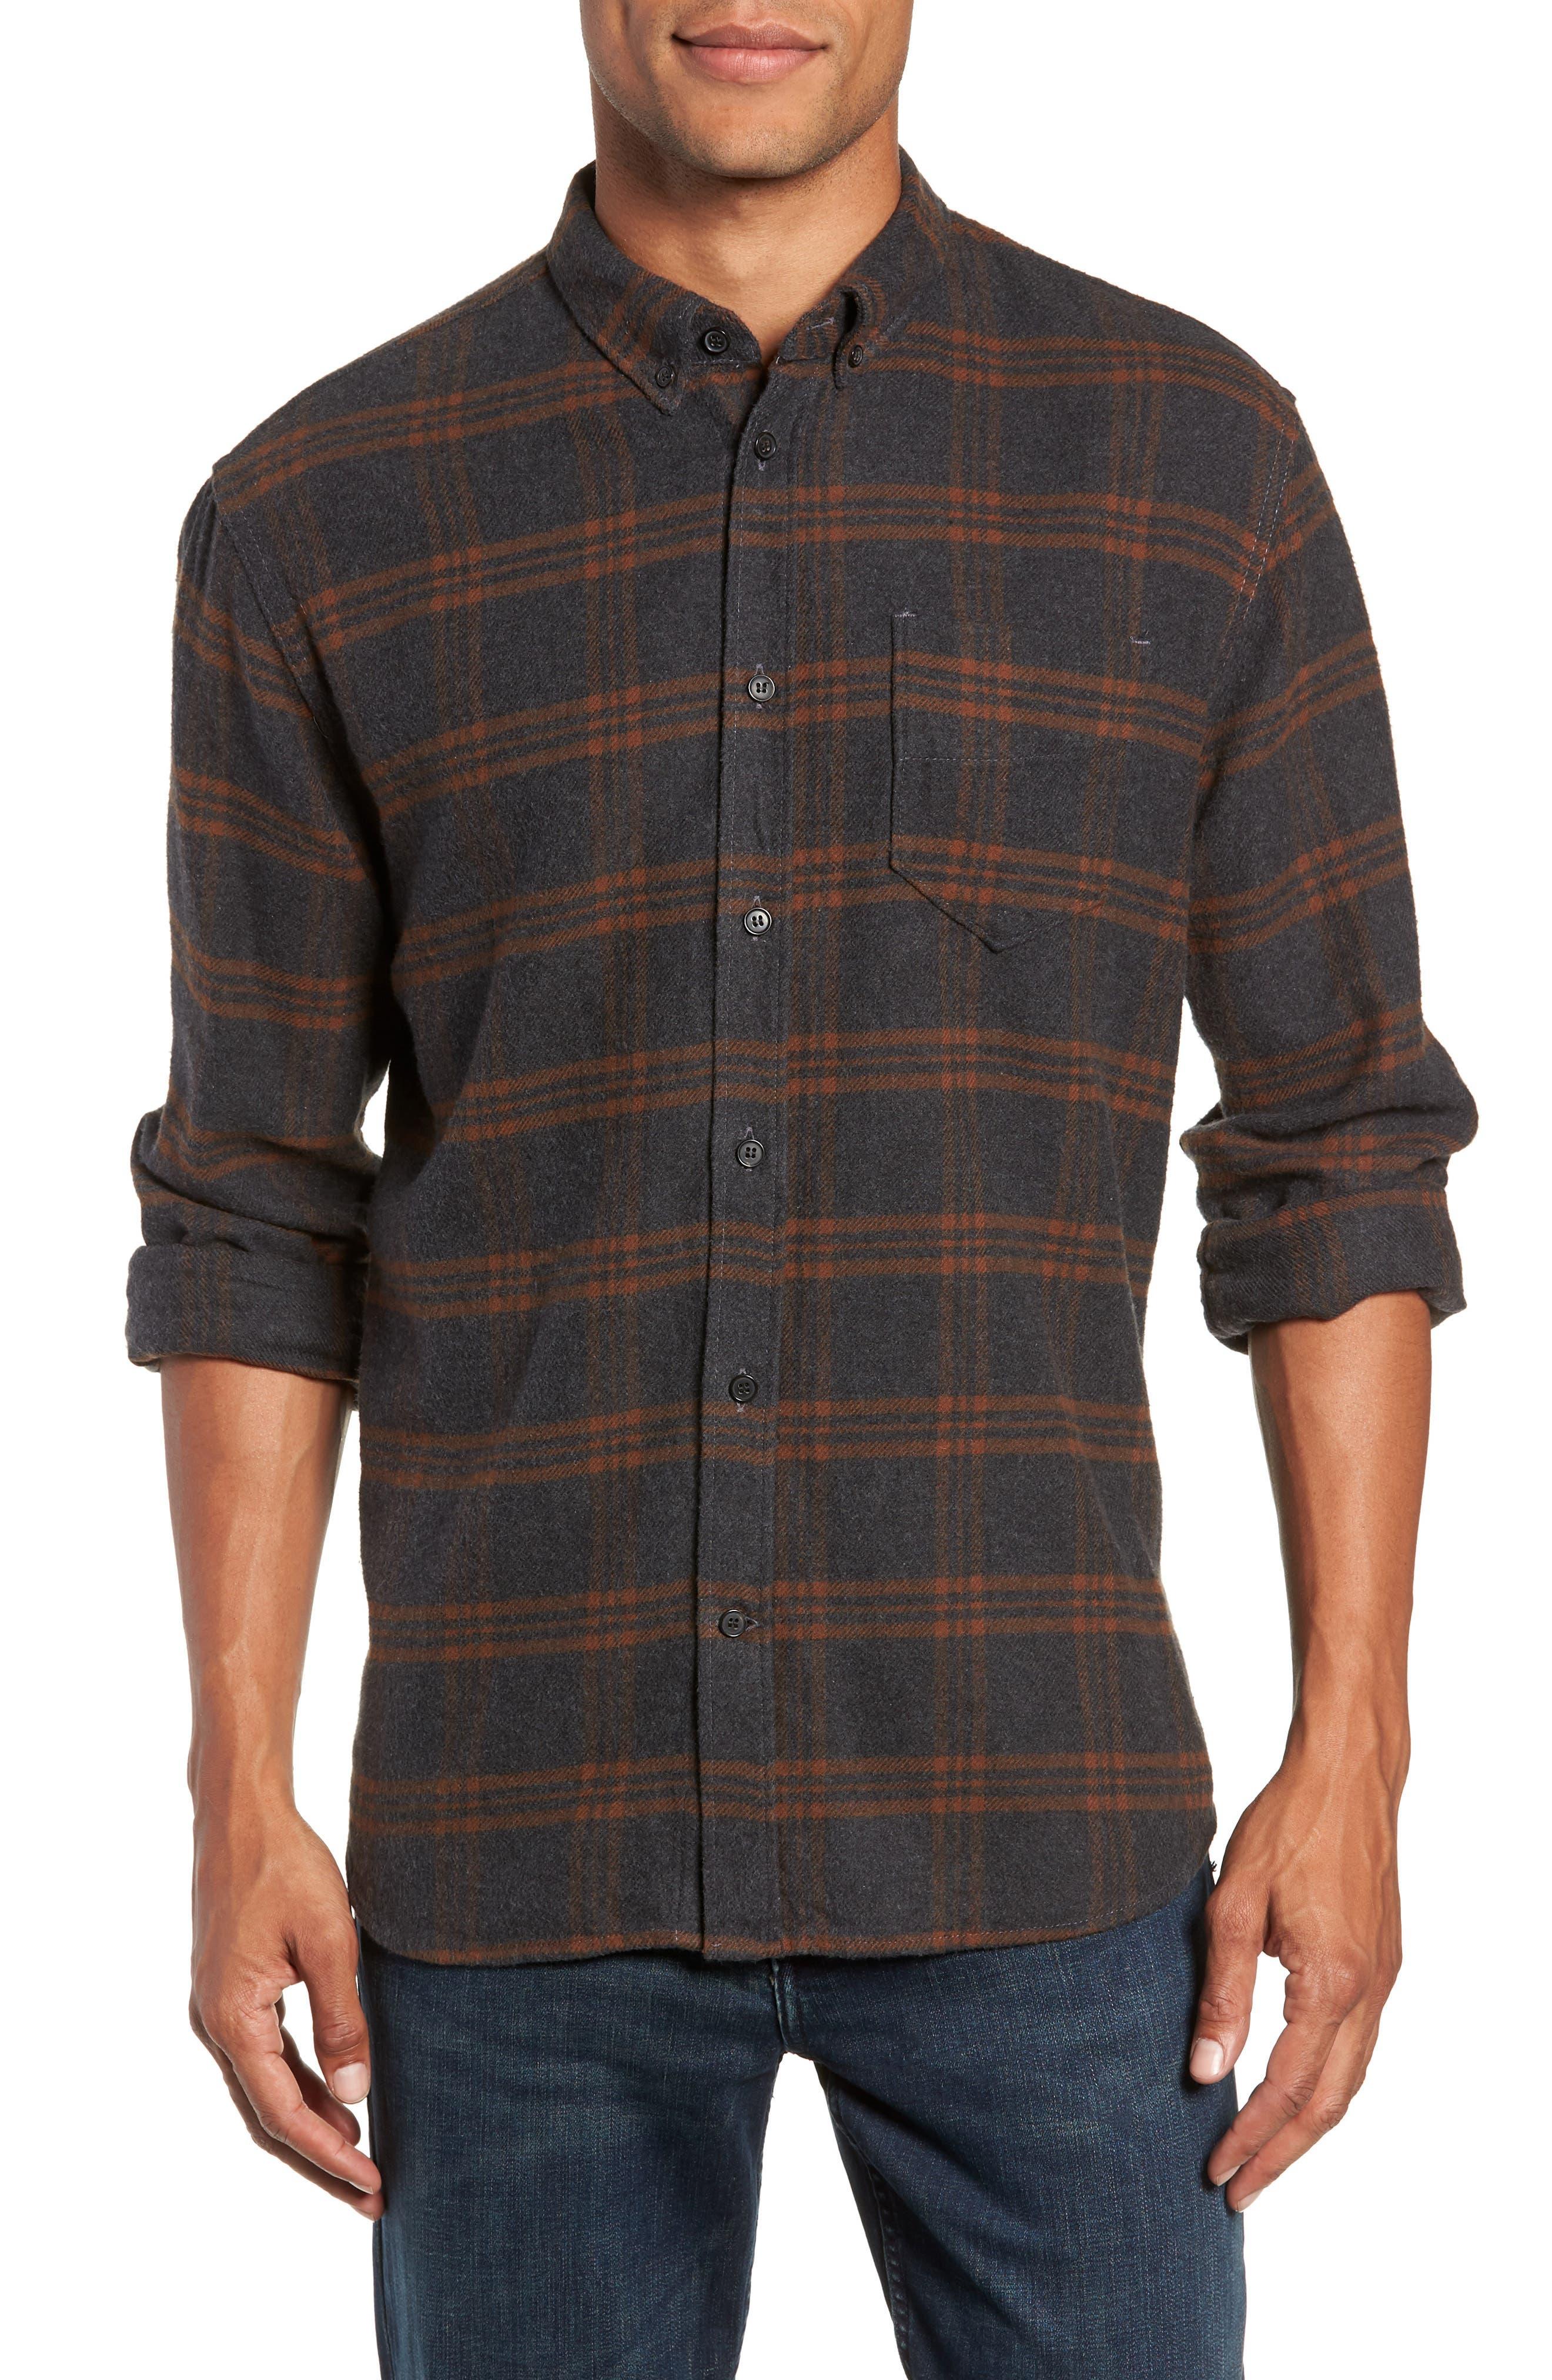 BILLY REID Plaid Cotton Flannel Shirt, Main, color, 020